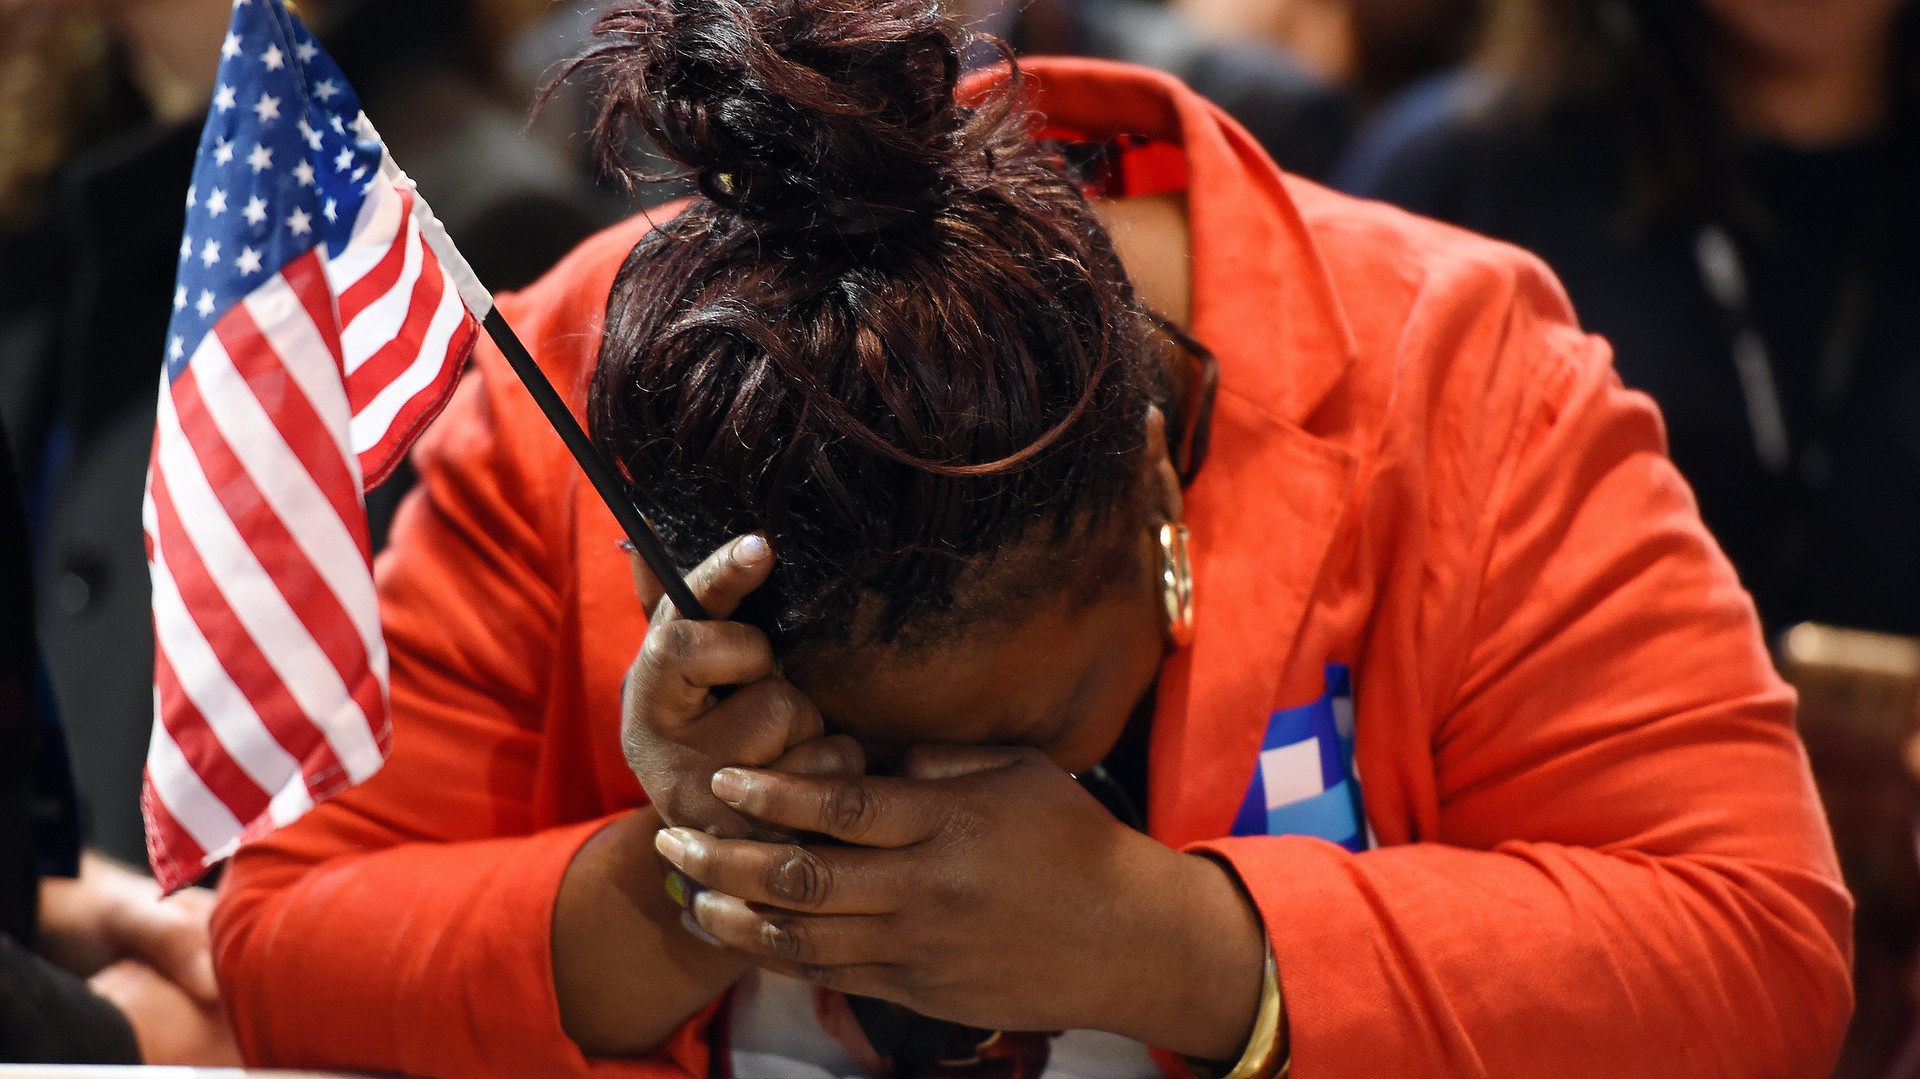 «Трамп ужасен, Клинтон не лучше»: почему афроамериканцы не голосовали за лидеров гонки